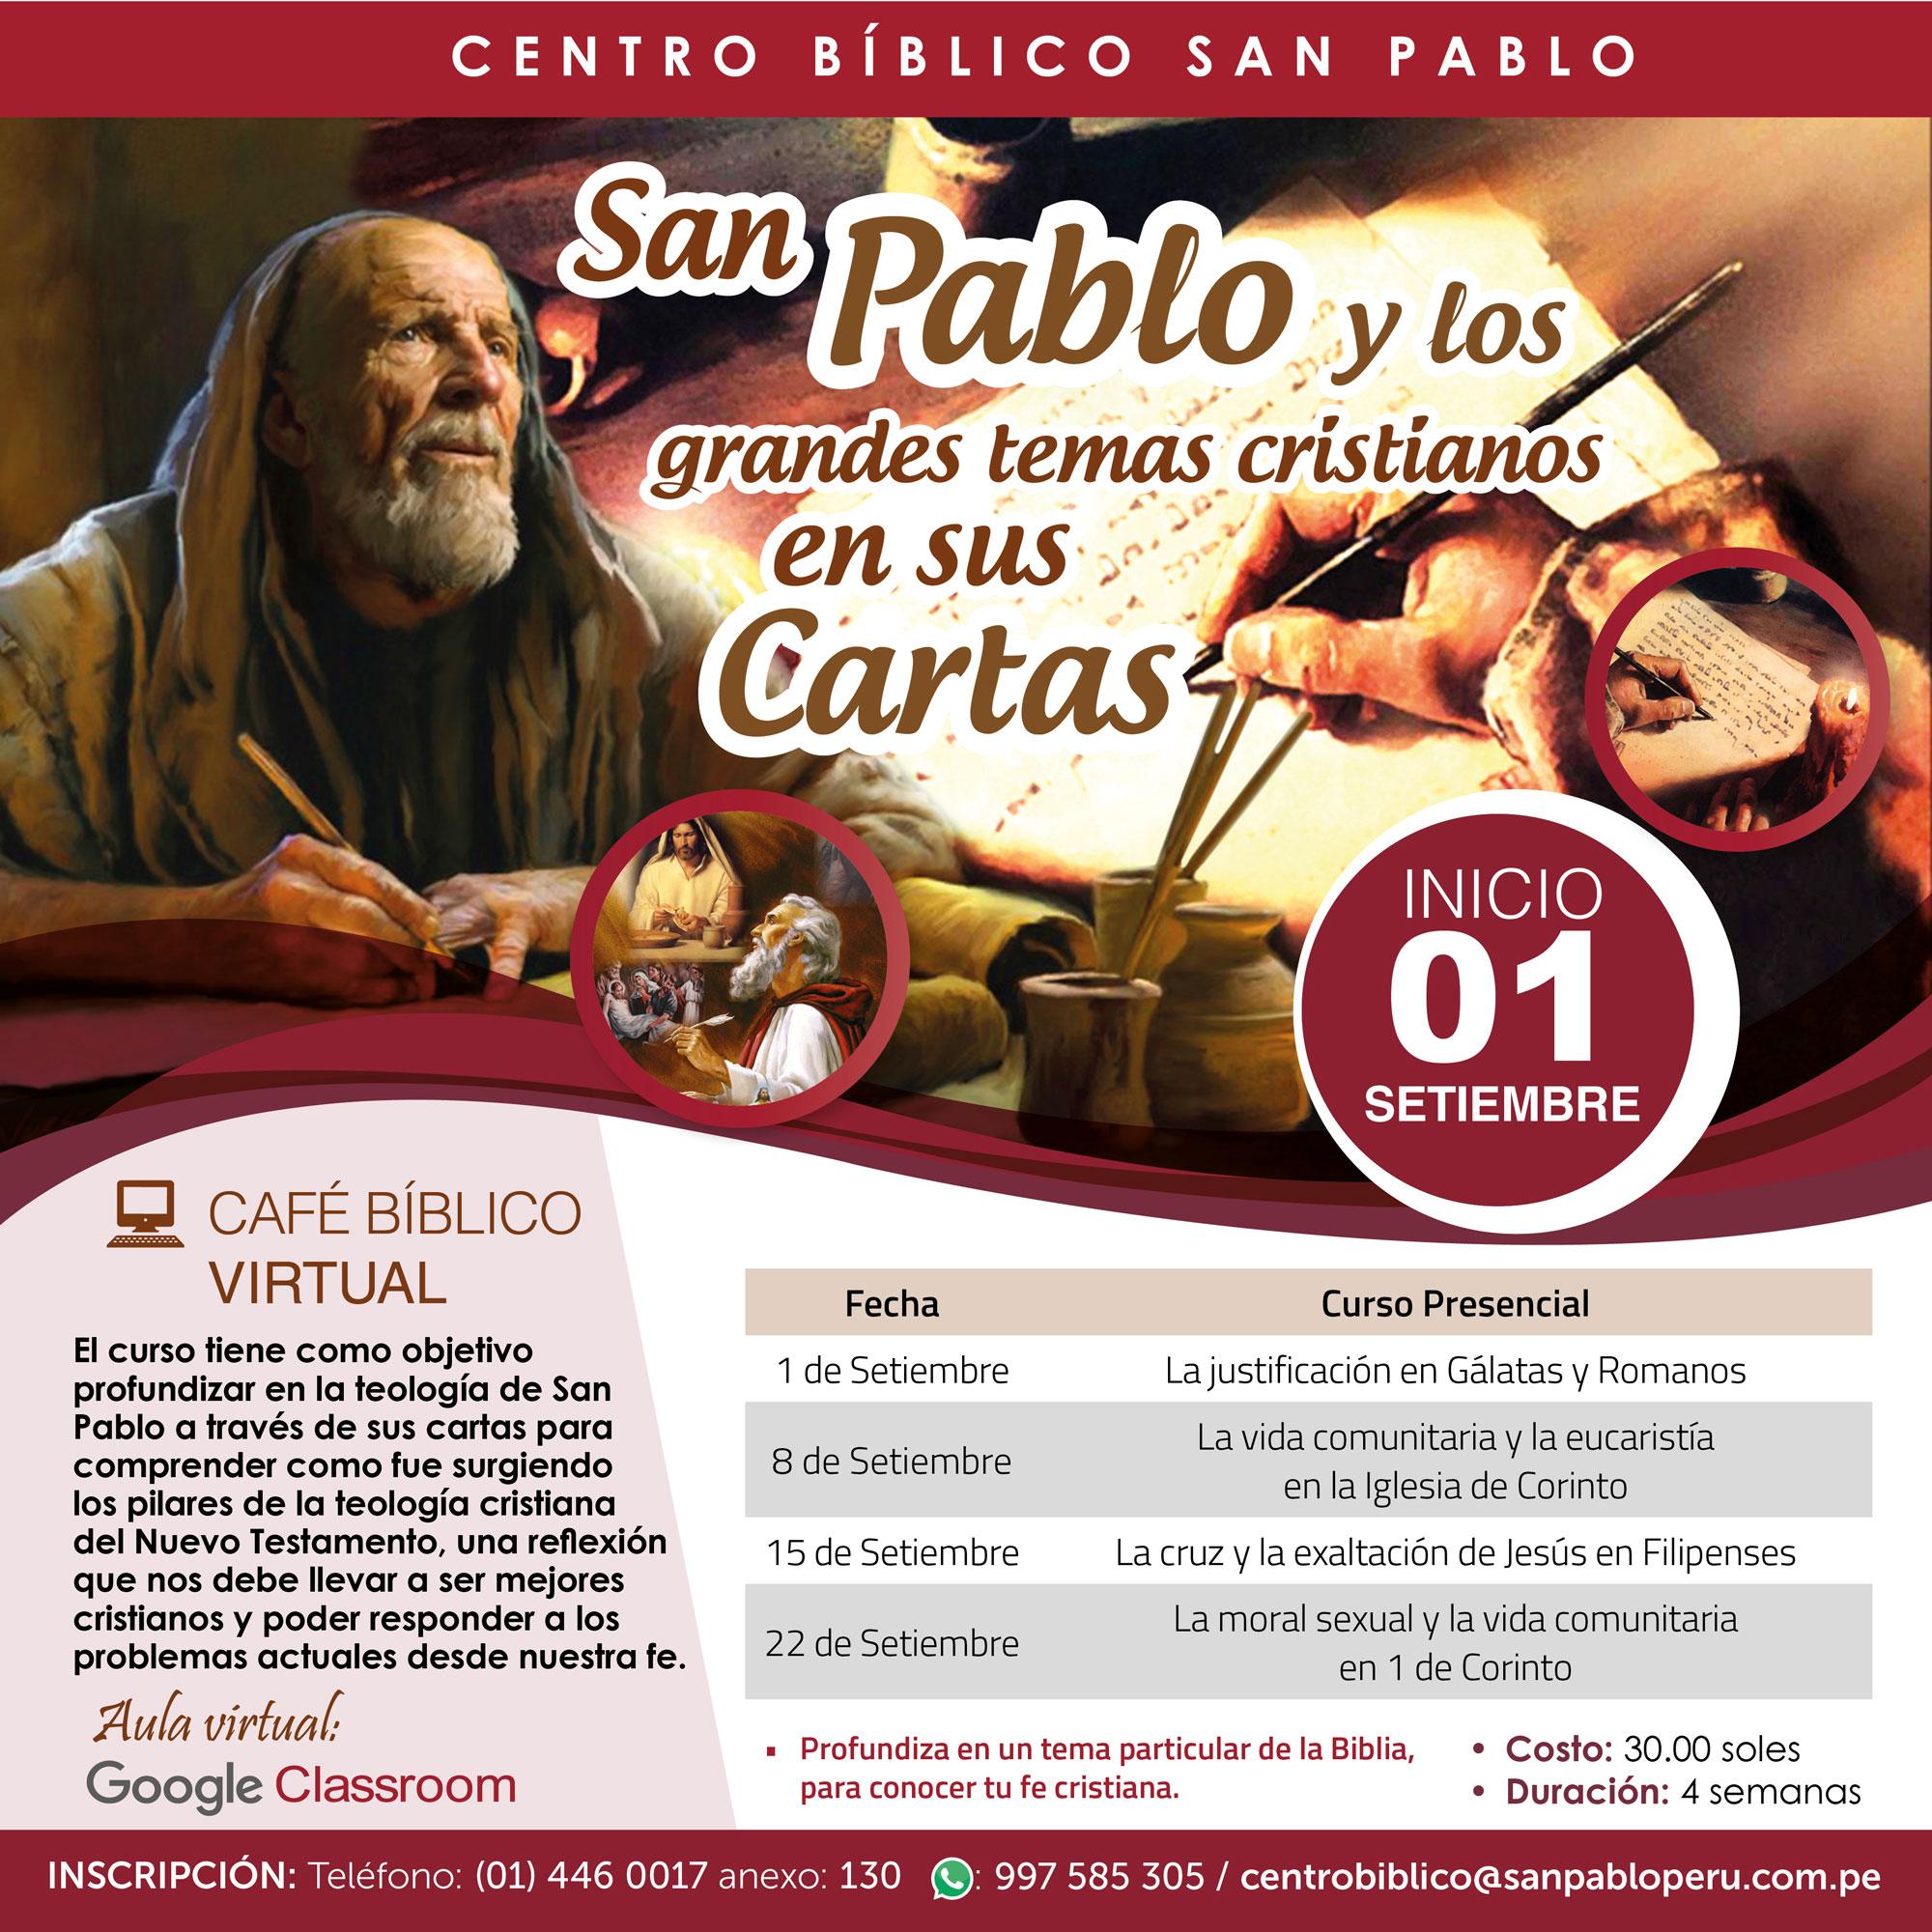 San Pablo y los grandes temas cristianos en sus cartas